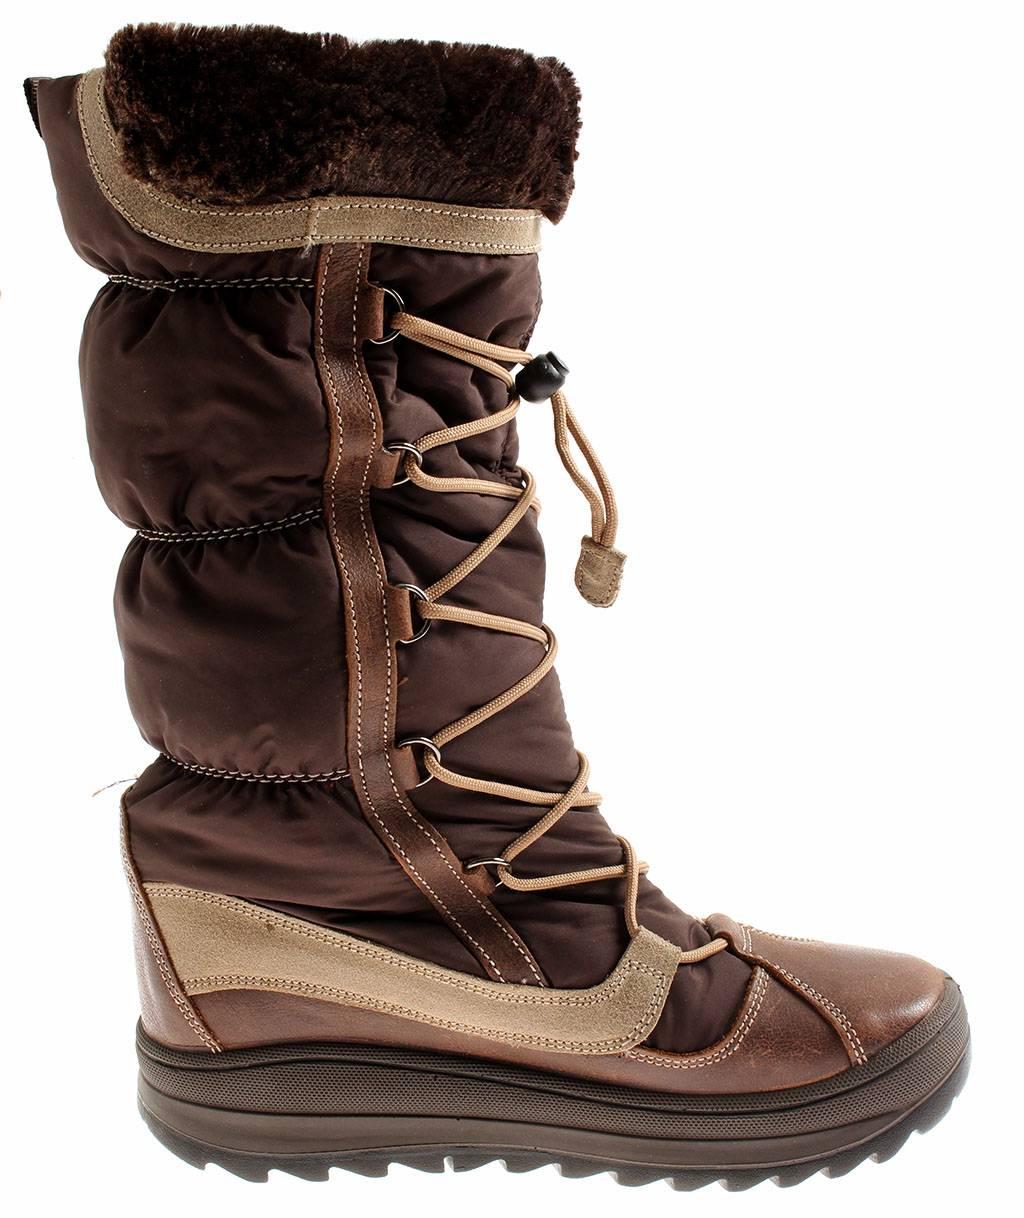 15d4517fee8317 iMac Damen 2089 Winterboots Winterstiefel Winterschuhe Boots Stiefel ...